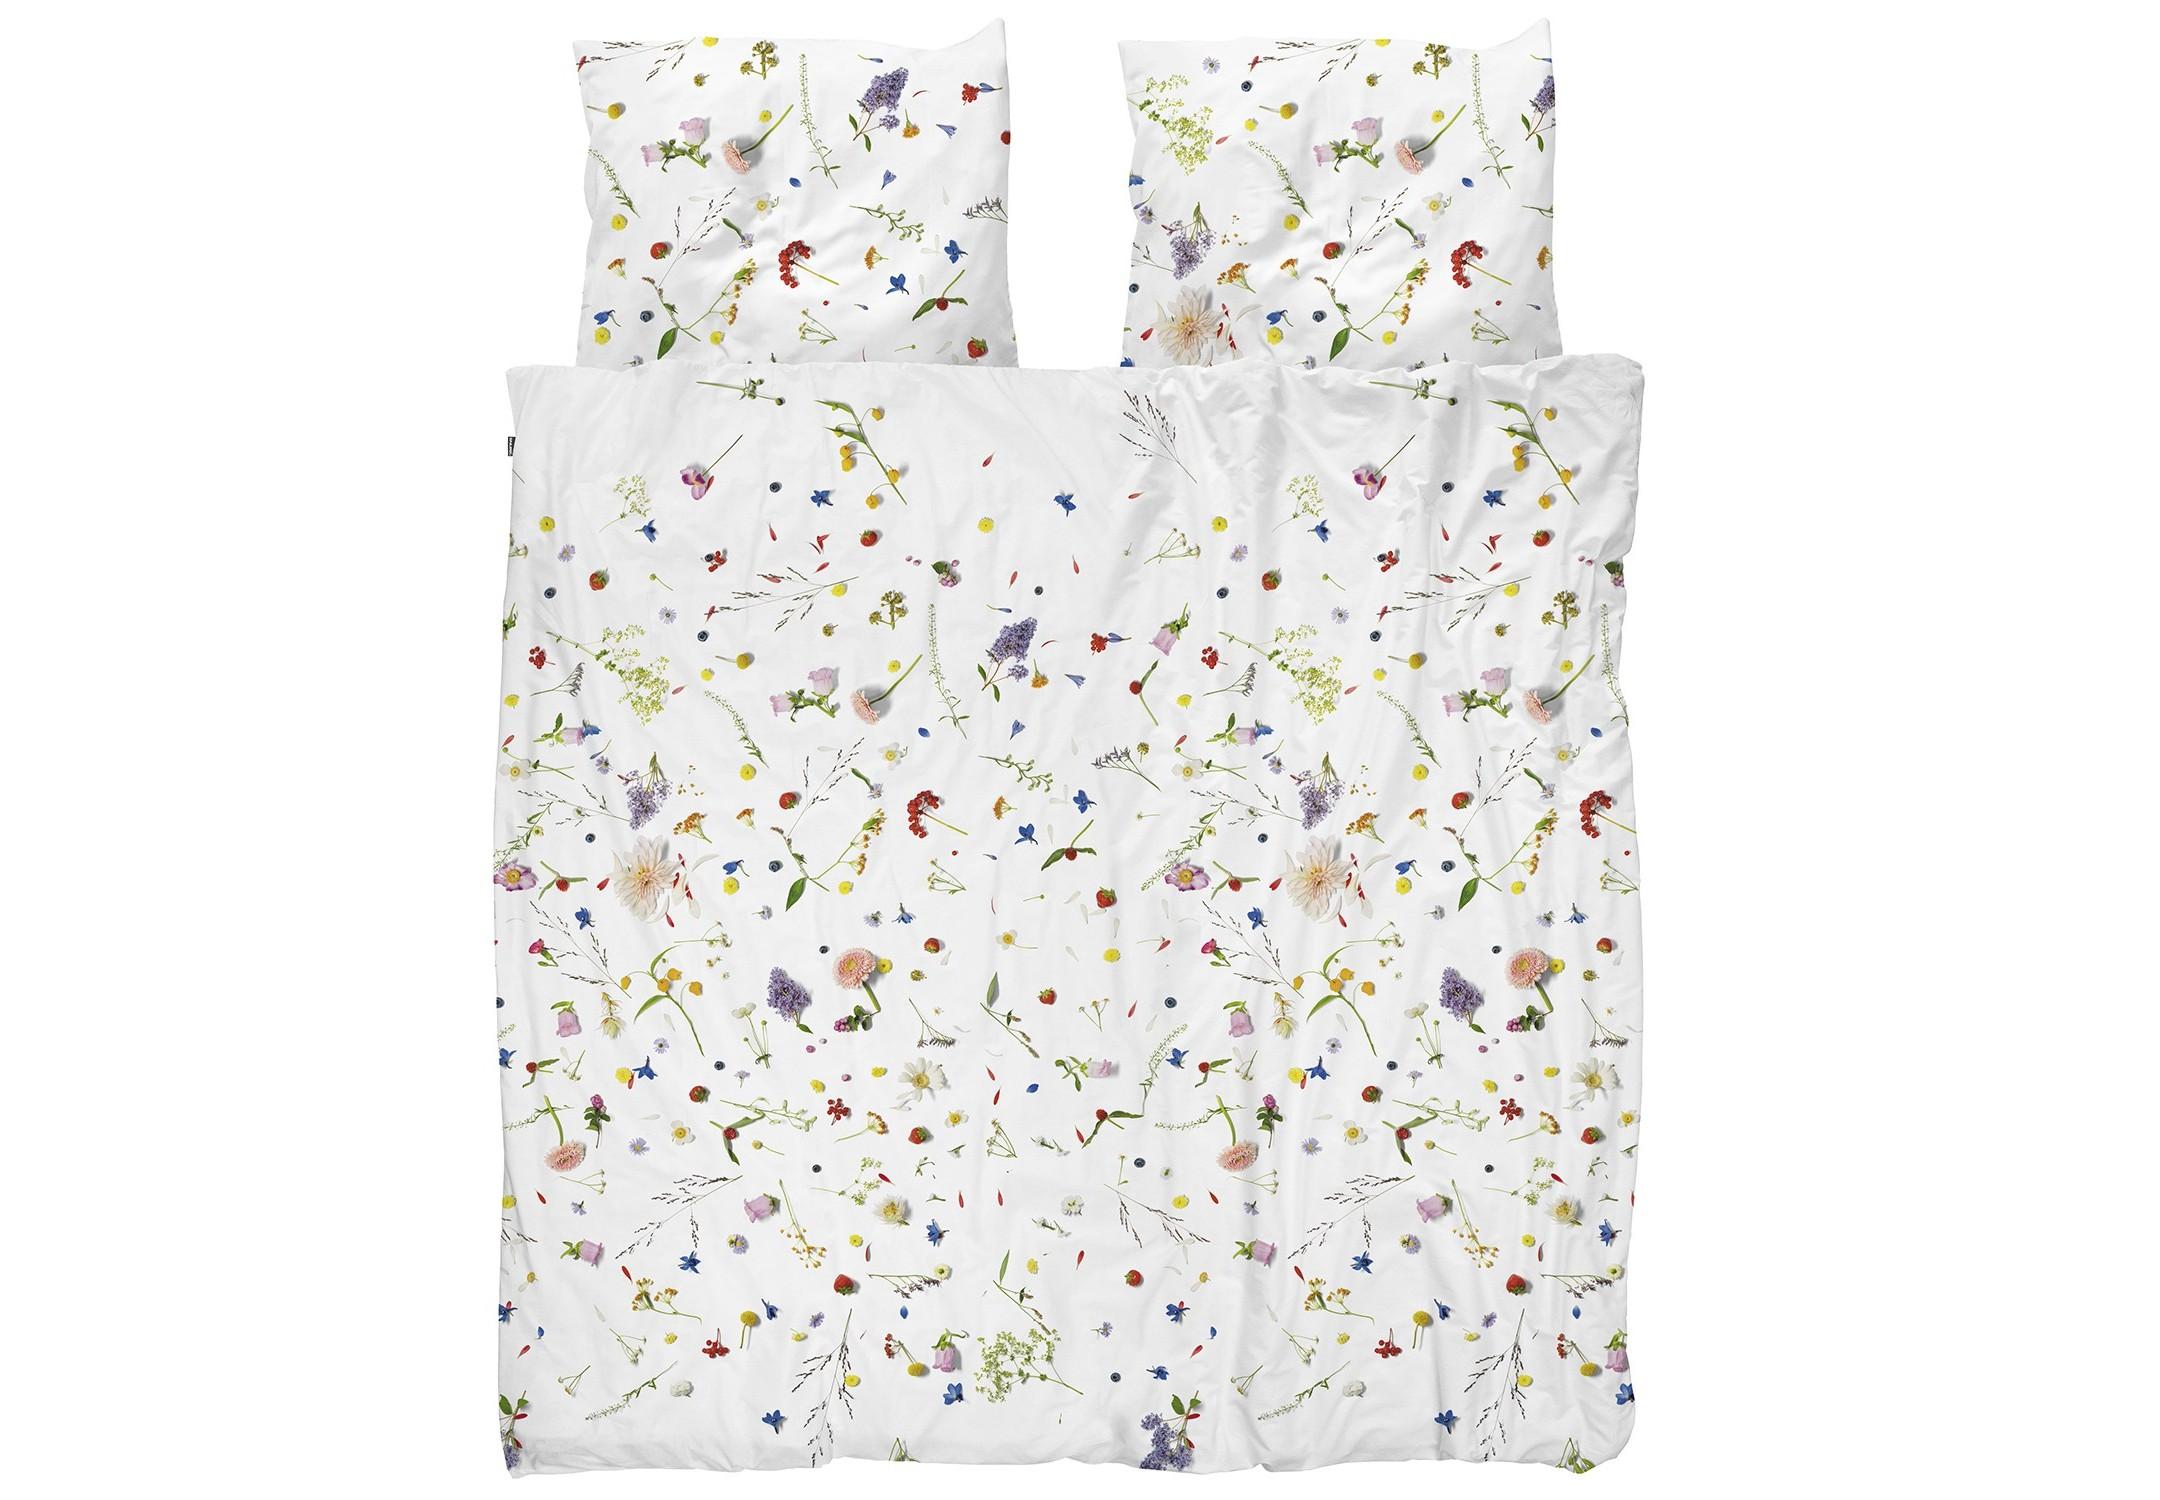 Комплект постельного белья Цветочные поляДвуспальные комплекты постельного белья<br>Существует бесчисленное множество комплектов постельного белья с цветочным принтом, но они никогда не были по-настоящему летними и такими реалистичными. Все эти полевые цветы и травы будто разбросаны по одеялу. Но от них не начнется аллергия на пыльцу.&amp;amp;nbsp;&amp;lt;div&amp;gt;&amp;lt;br&amp;gt;&amp;lt;/div&amp;gt;&amp;lt;div&amp;gt;Материал: 100% хлопок ПЕРКАЛЬ (плотность ткани 214г/м2).&amp;amp;nbsp;&amp;lt;div&amp;gt;&amp;lt;span style=&amp;quot;line-height: 1.78571;&amp;quot;&amp;gt;В комплект входит:&amp;amp;nbsp;&amp;lt;/span&amp;gt;&amp;lt;span style=&amp;quot;line-height: 1.78571;&amp;quot;&amp;gt;пододеяльник 200х220см - 1 шт,&amp;amp;nbsp;&amp;lt;/span&amp;gt;&amp;lt;span style=&amp;quot;line-height: 1.78571;&amp;quot;&amp;gt;наволочка 50х70см - 2 шт.&amp;lt;/span&amp;gt;&amp;lt;br&amp;gt;&amp;lt;/div&amp;gt;&amp;lt;/div&amp;gt;<br><br>Material: Хлопок<br>Ширина см: 200.0<br>Глубина см: 220.0